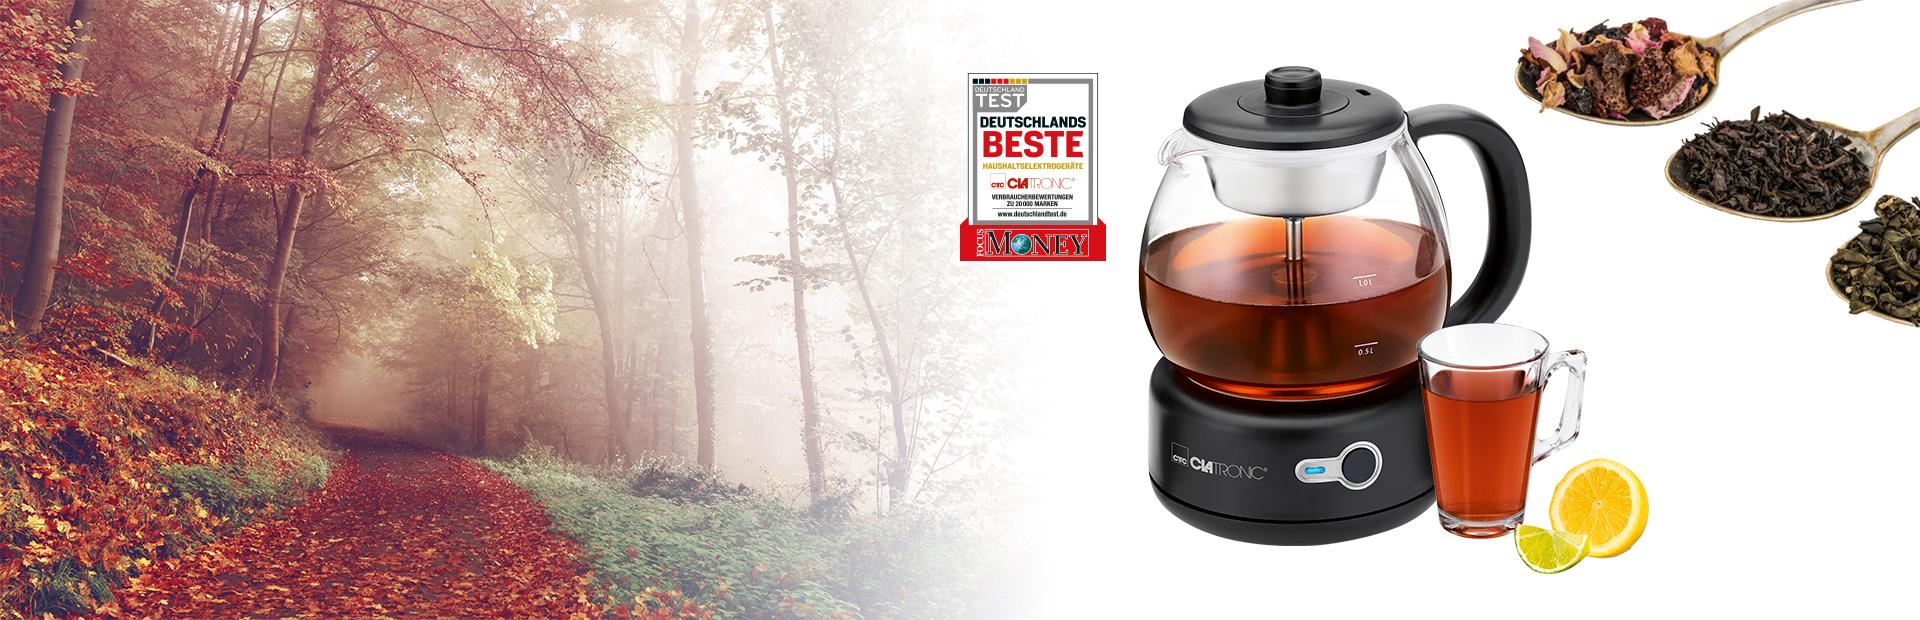 Intensiver und originaler Tee-Geschmack. Unser kabelloser Teekocher mit Perkolator-Teebrühsystem.